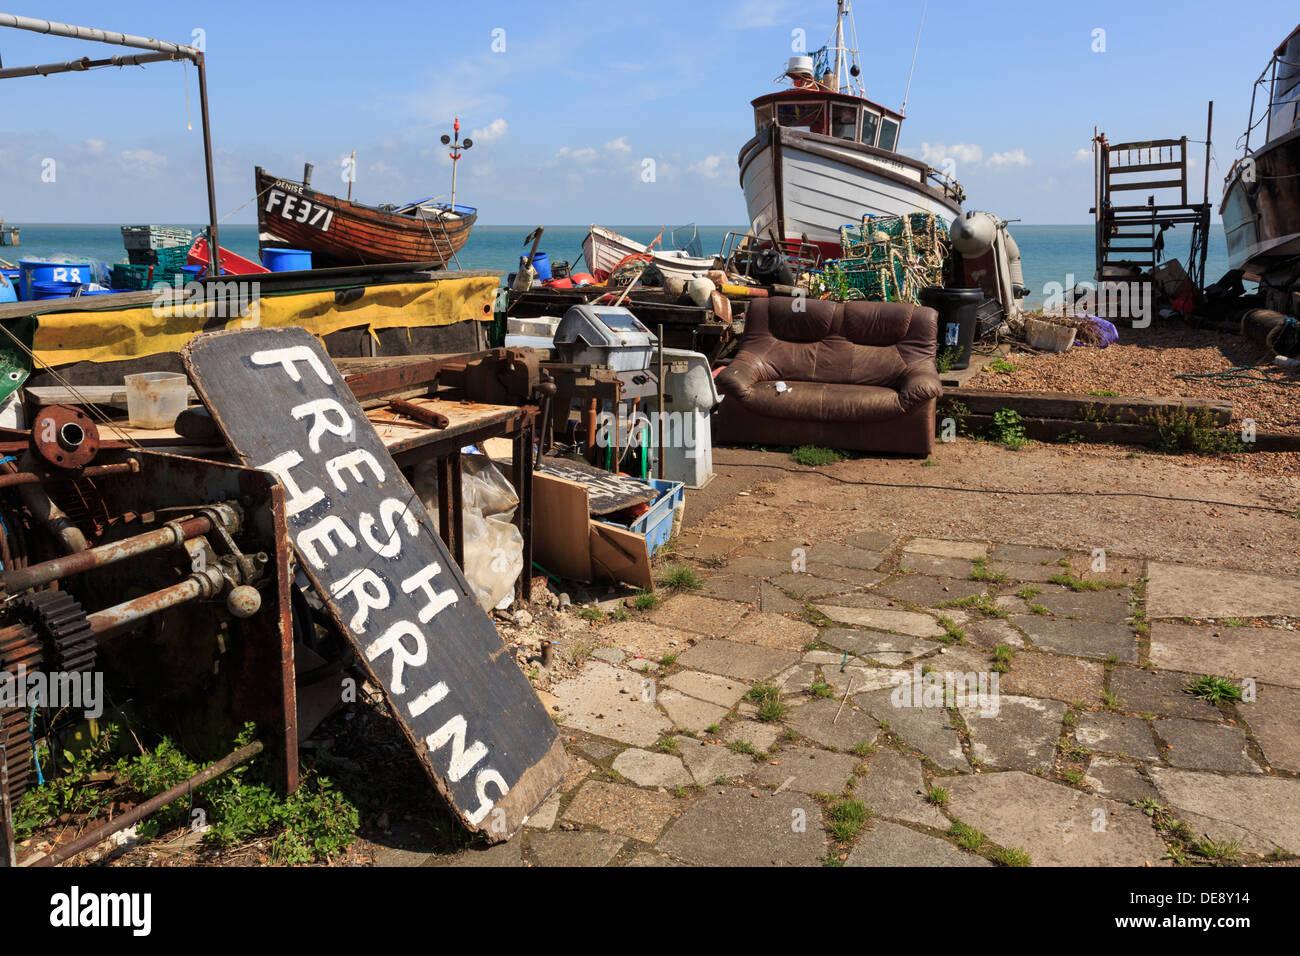 Barche da pesca e segno per le aringhe fresche su una costa sud lungomare spiaggia a Deal, Kent, Inghilterra, Regno Unito, Gran Bretagna Immagini Stock